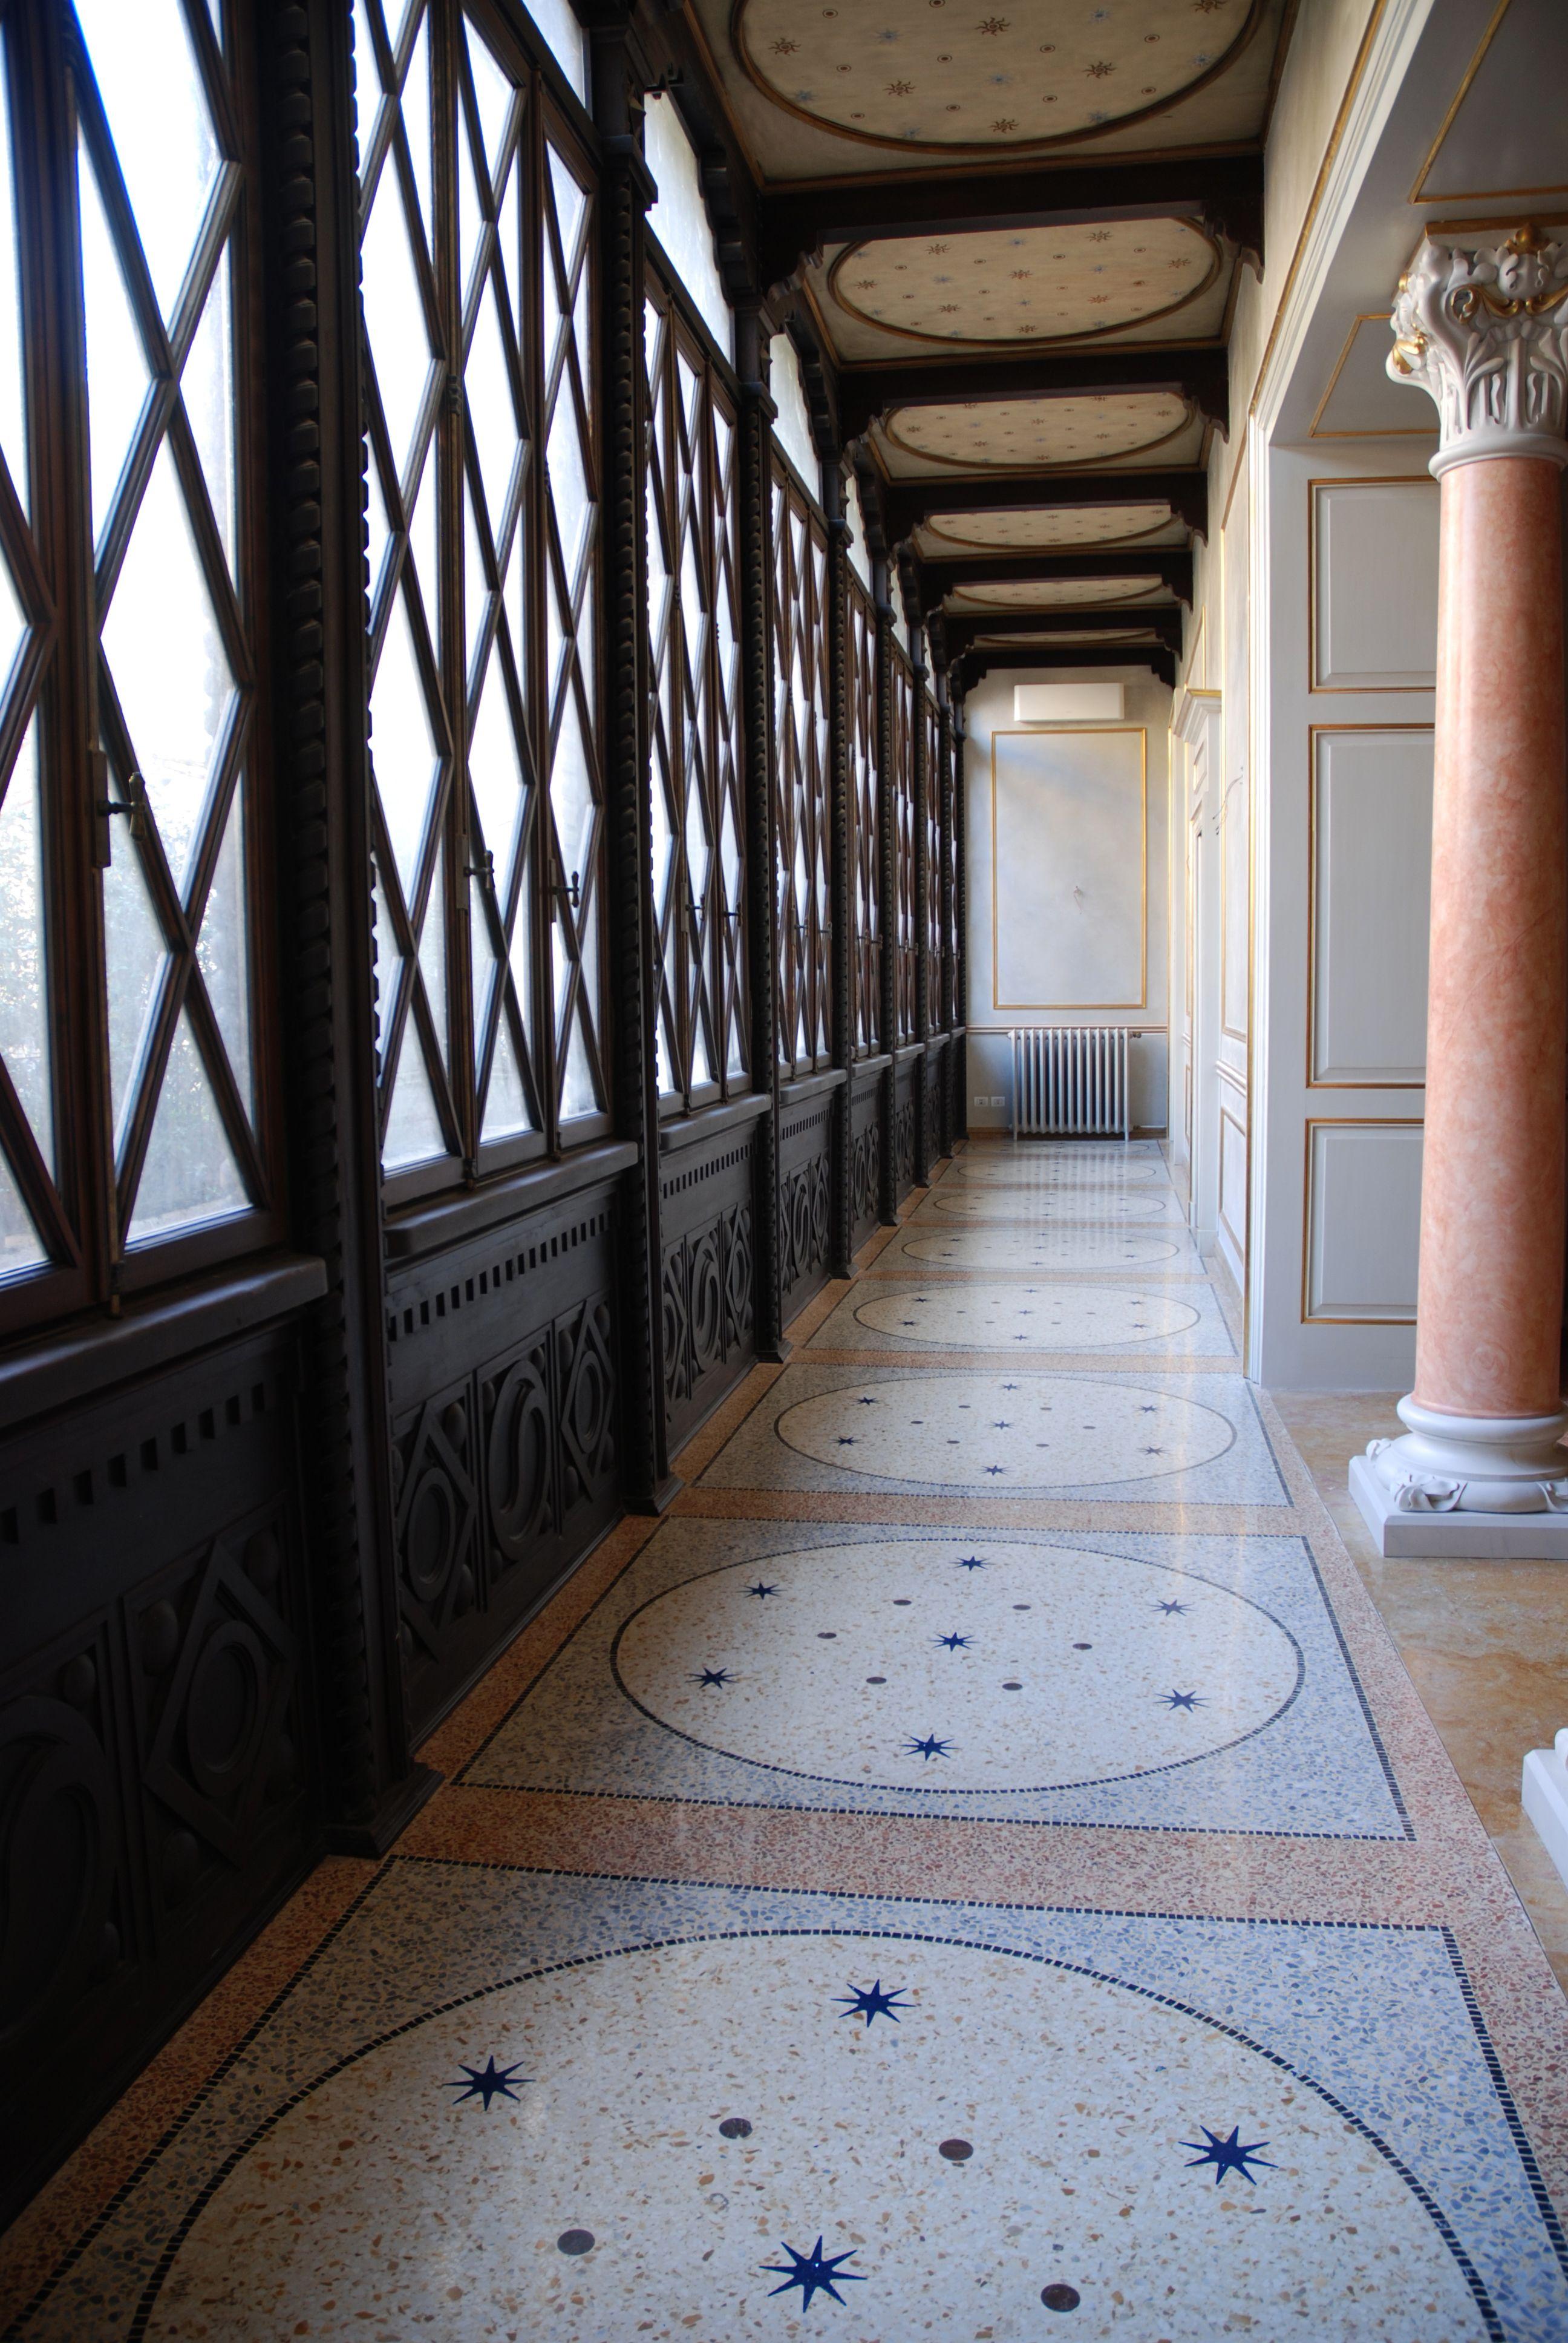 Pavimento In Terrazzo Alla Veneziana terrazzo alla veneziana in casa storica a verona terrazzo